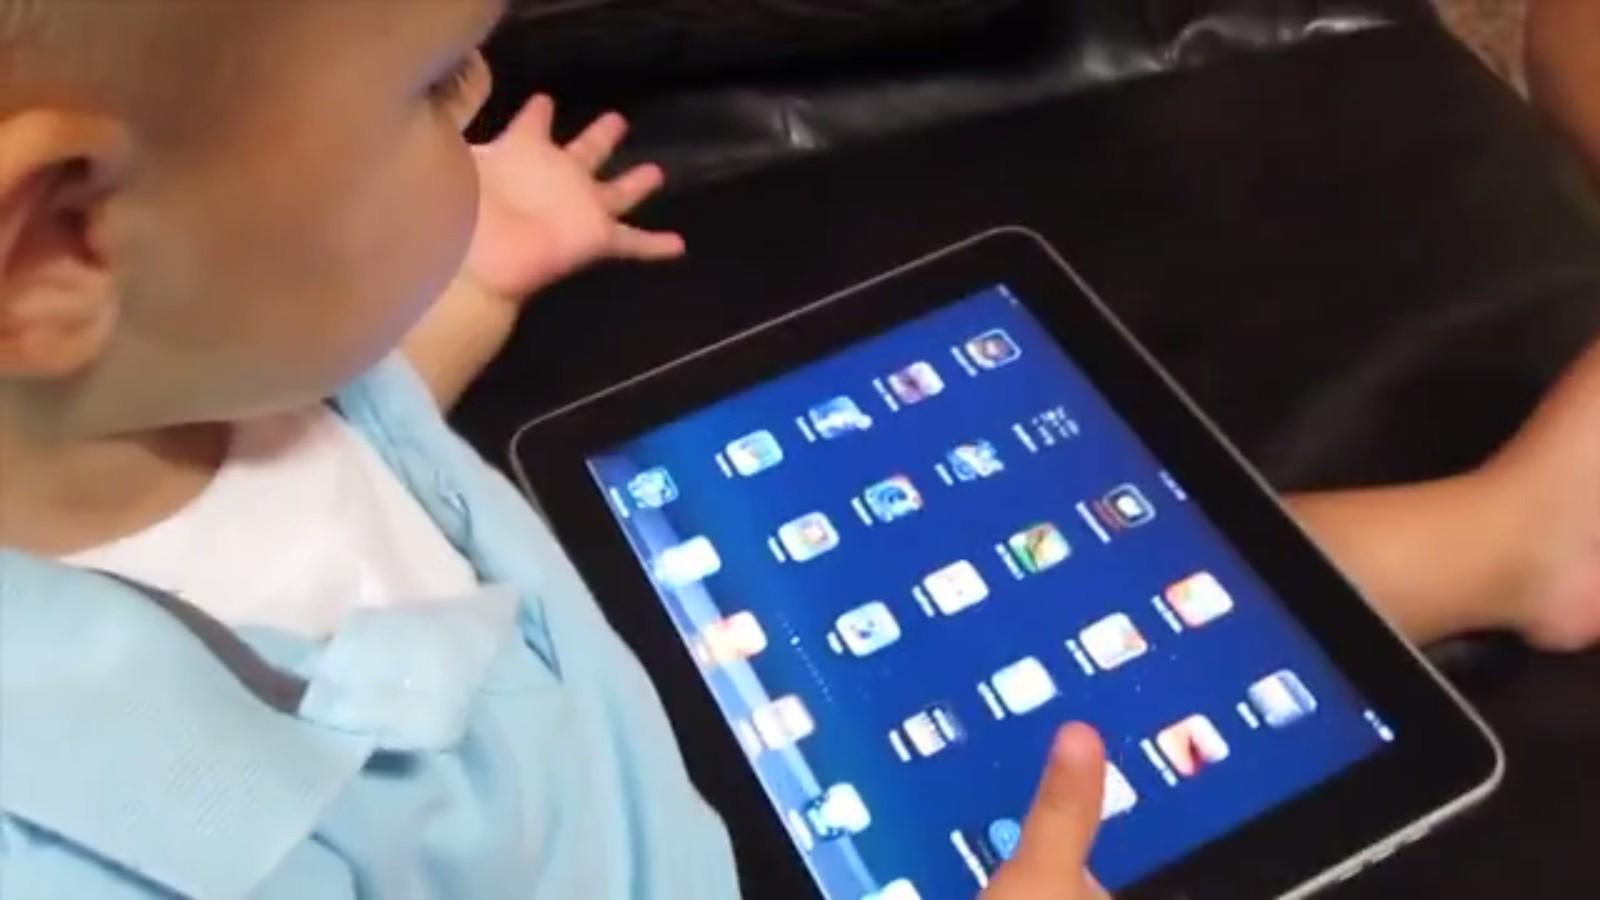 Cerca de 40% das crianças menores de 2 anos já utilizaram dispositivos móveis, aponta estudo (Foto: Divulgação)